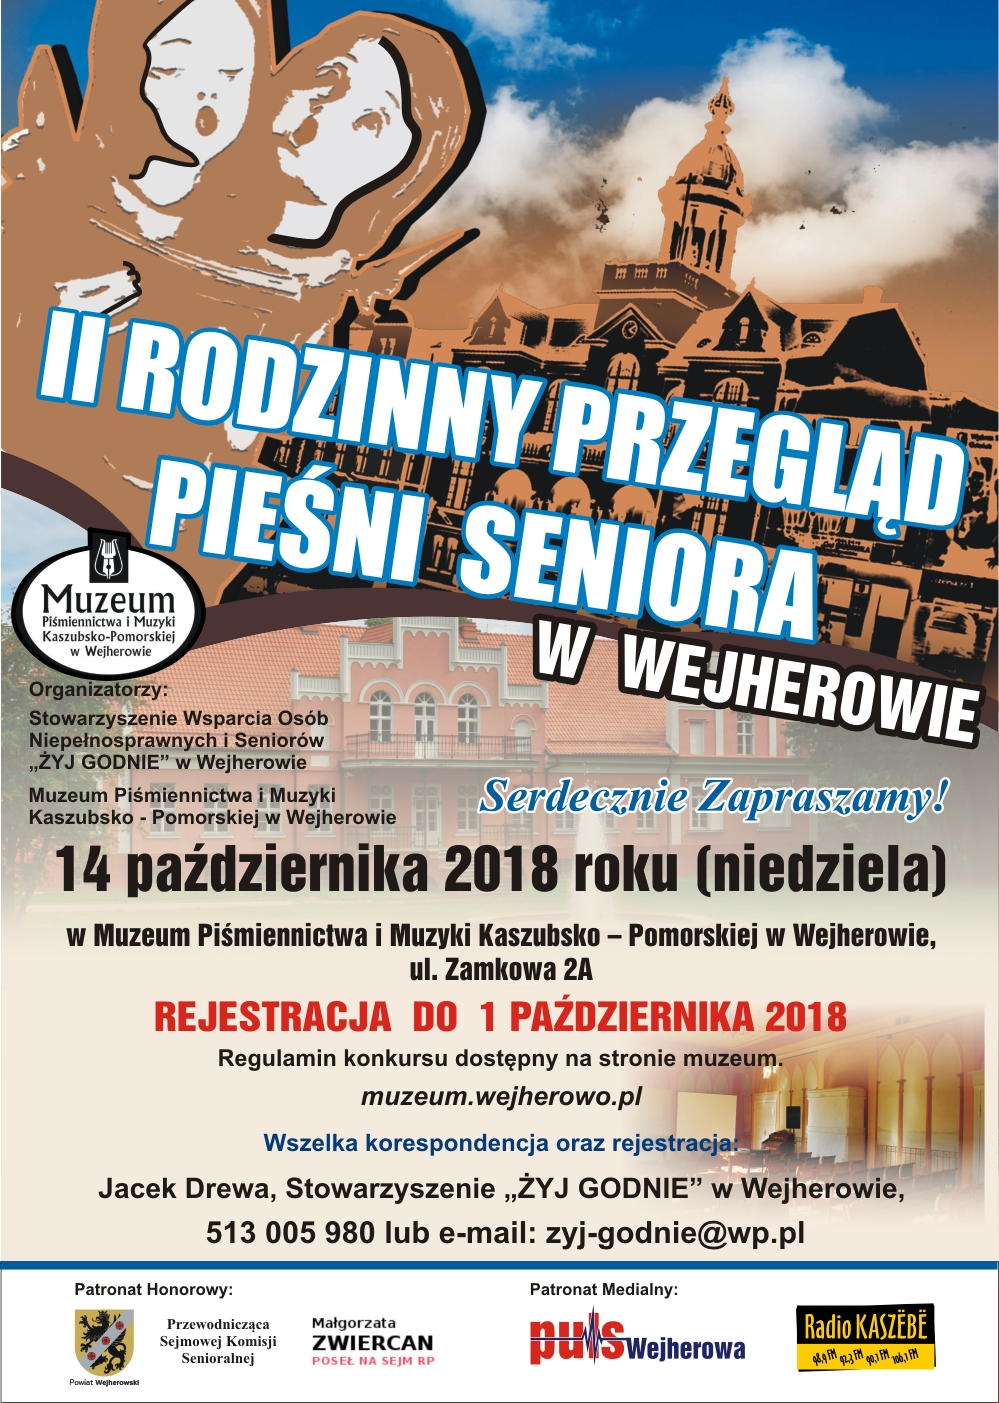 Zaproszenie na II Rodzinny Przegląd Pieśni Seniora